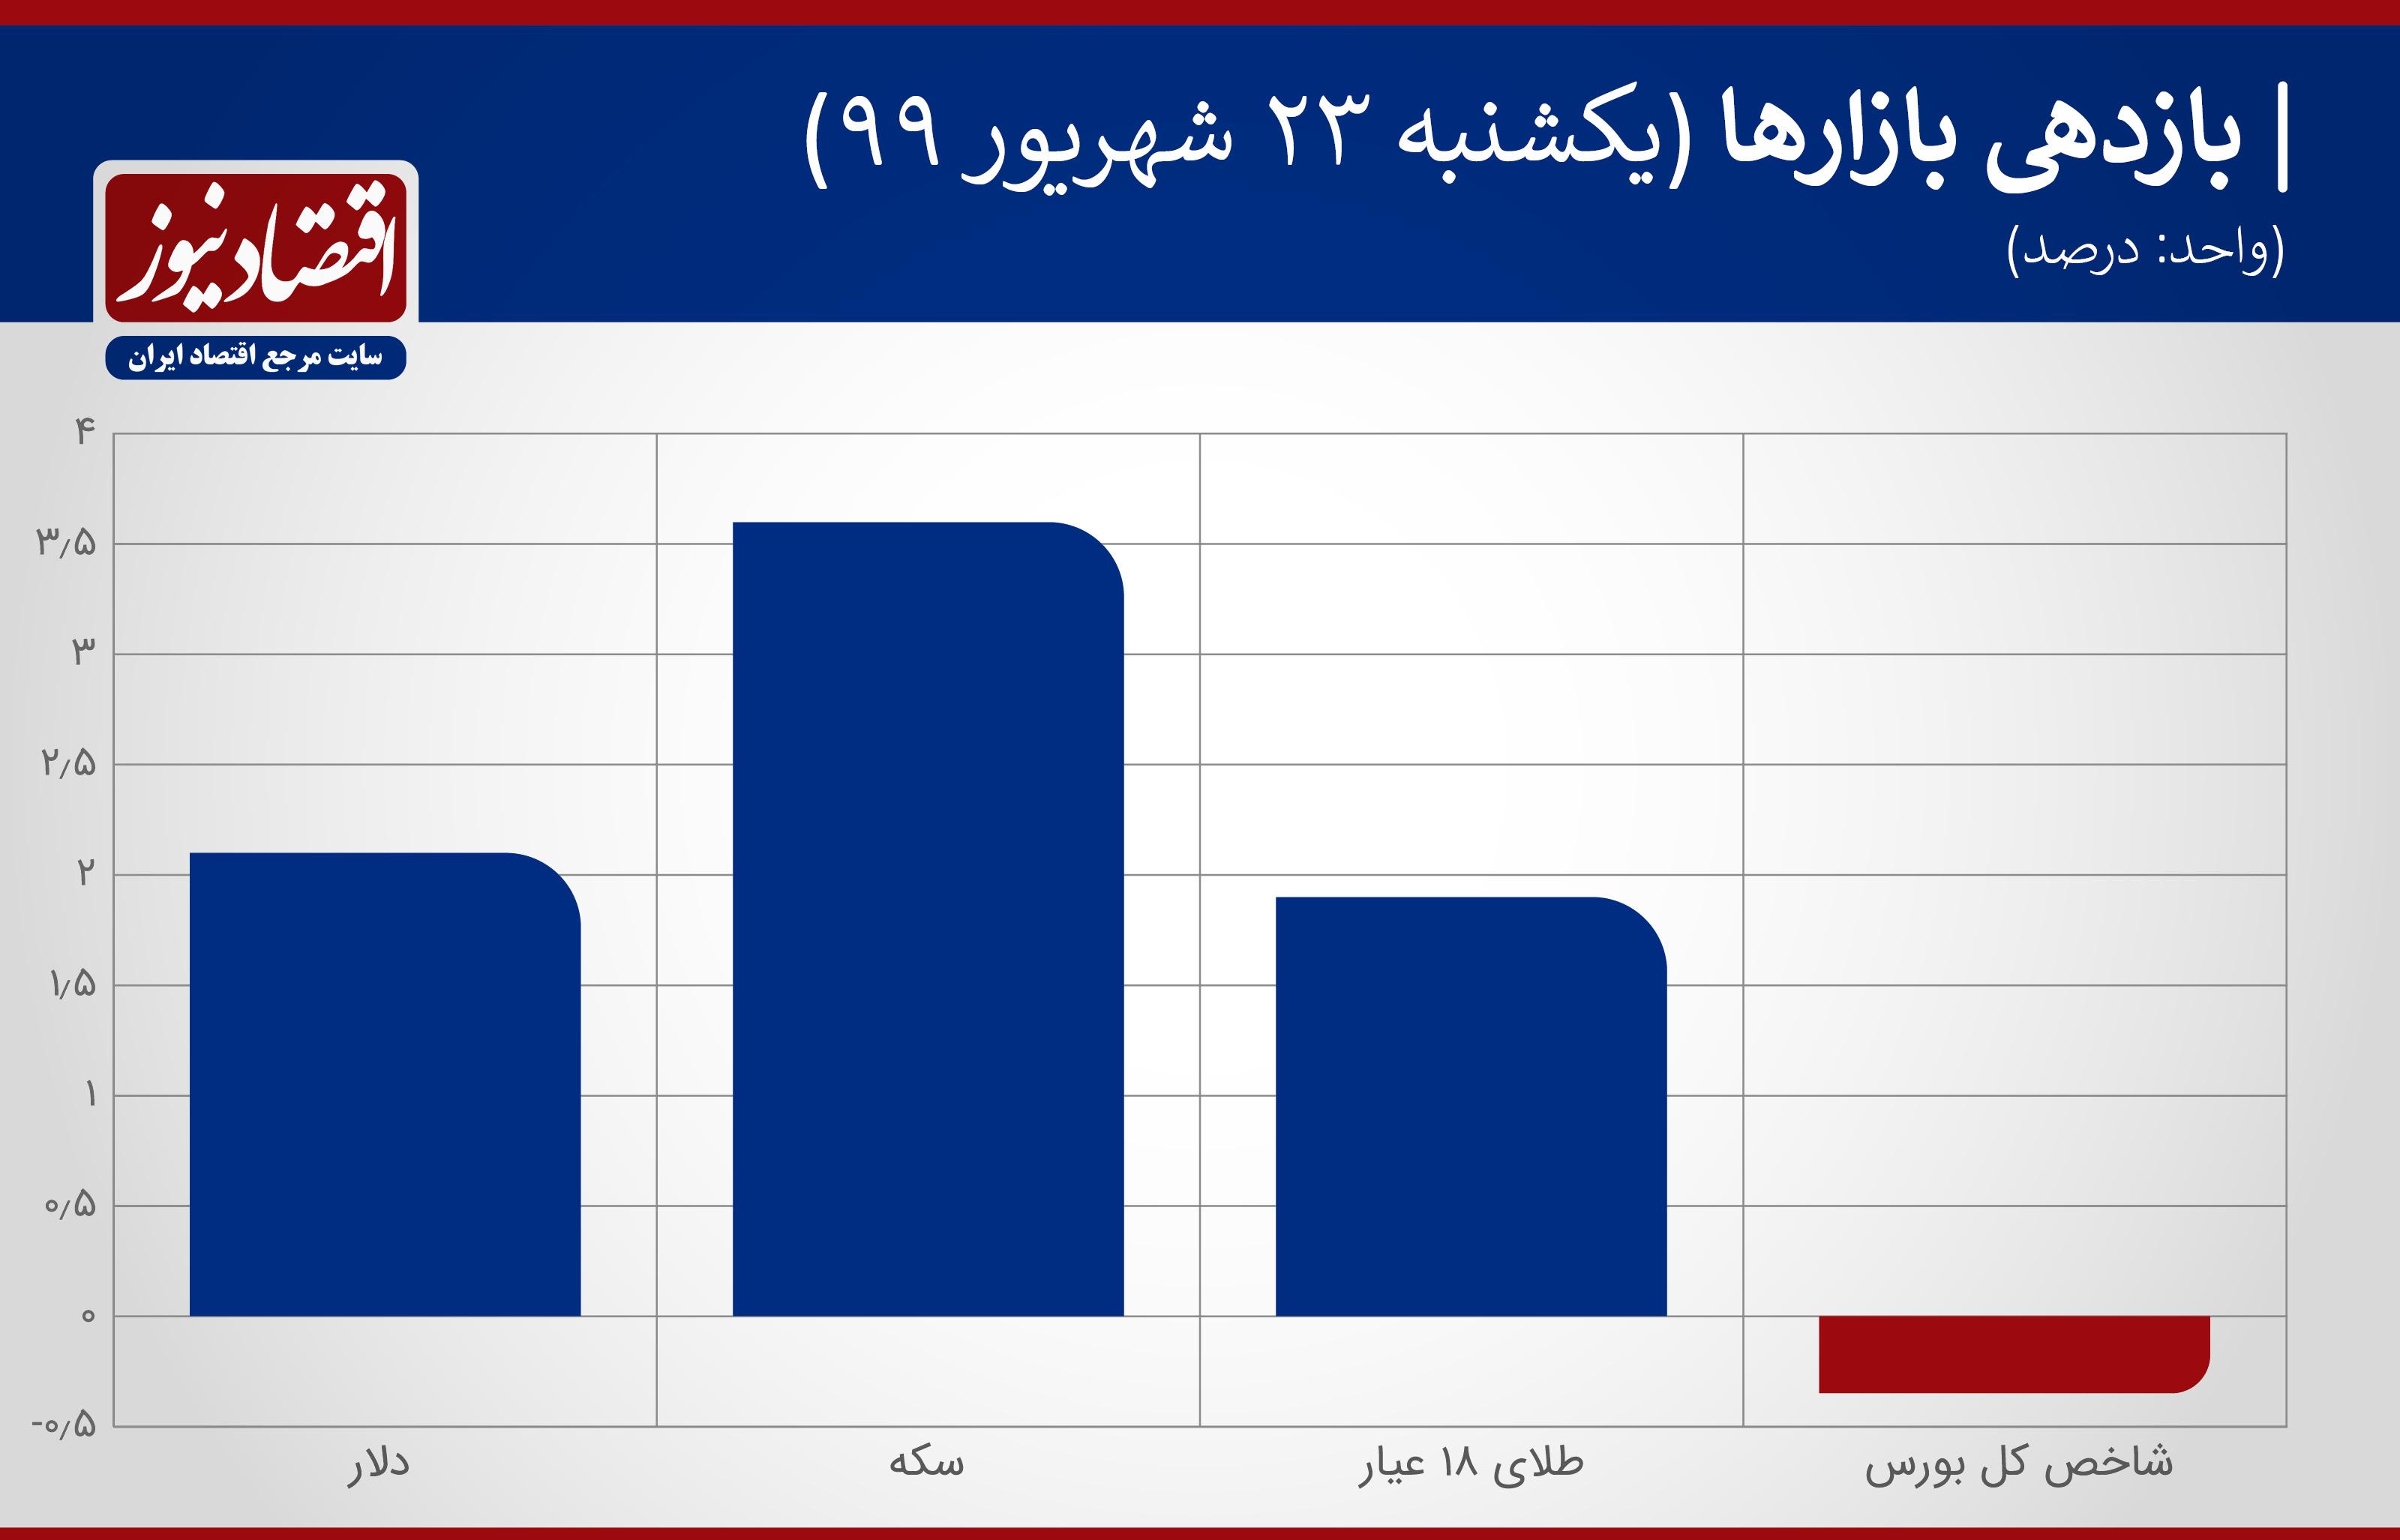 نمودار بازدهی بازارها 23 شهریور